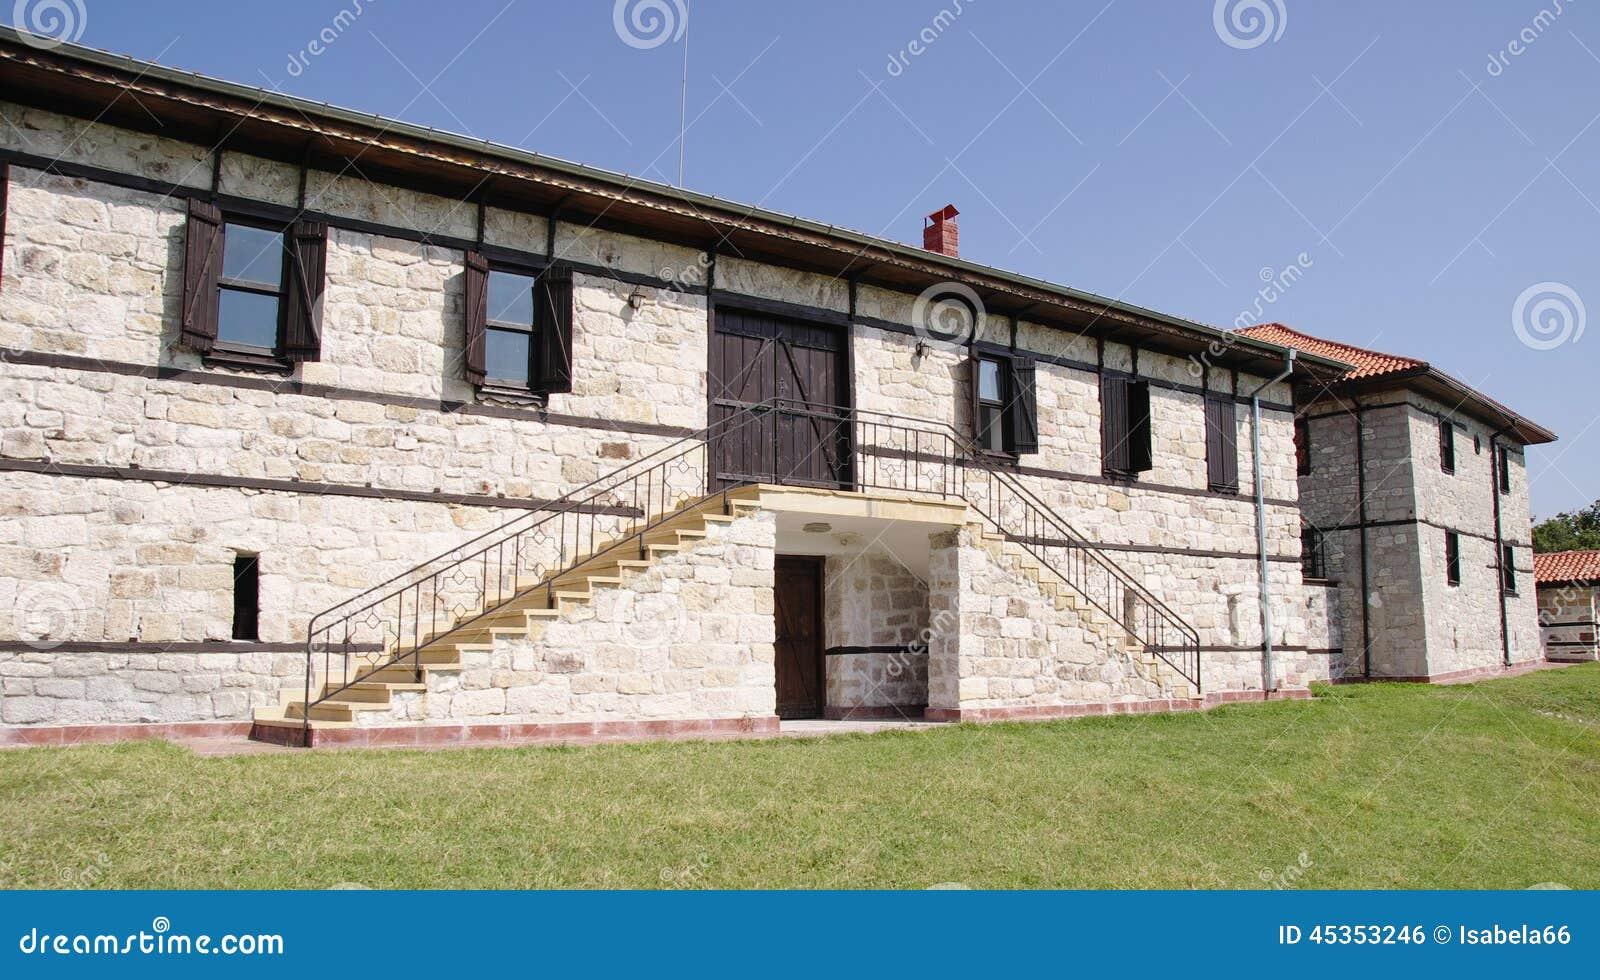 Maison En Pierre Blanche Avec Des Escaliers Photo Stock Image Du